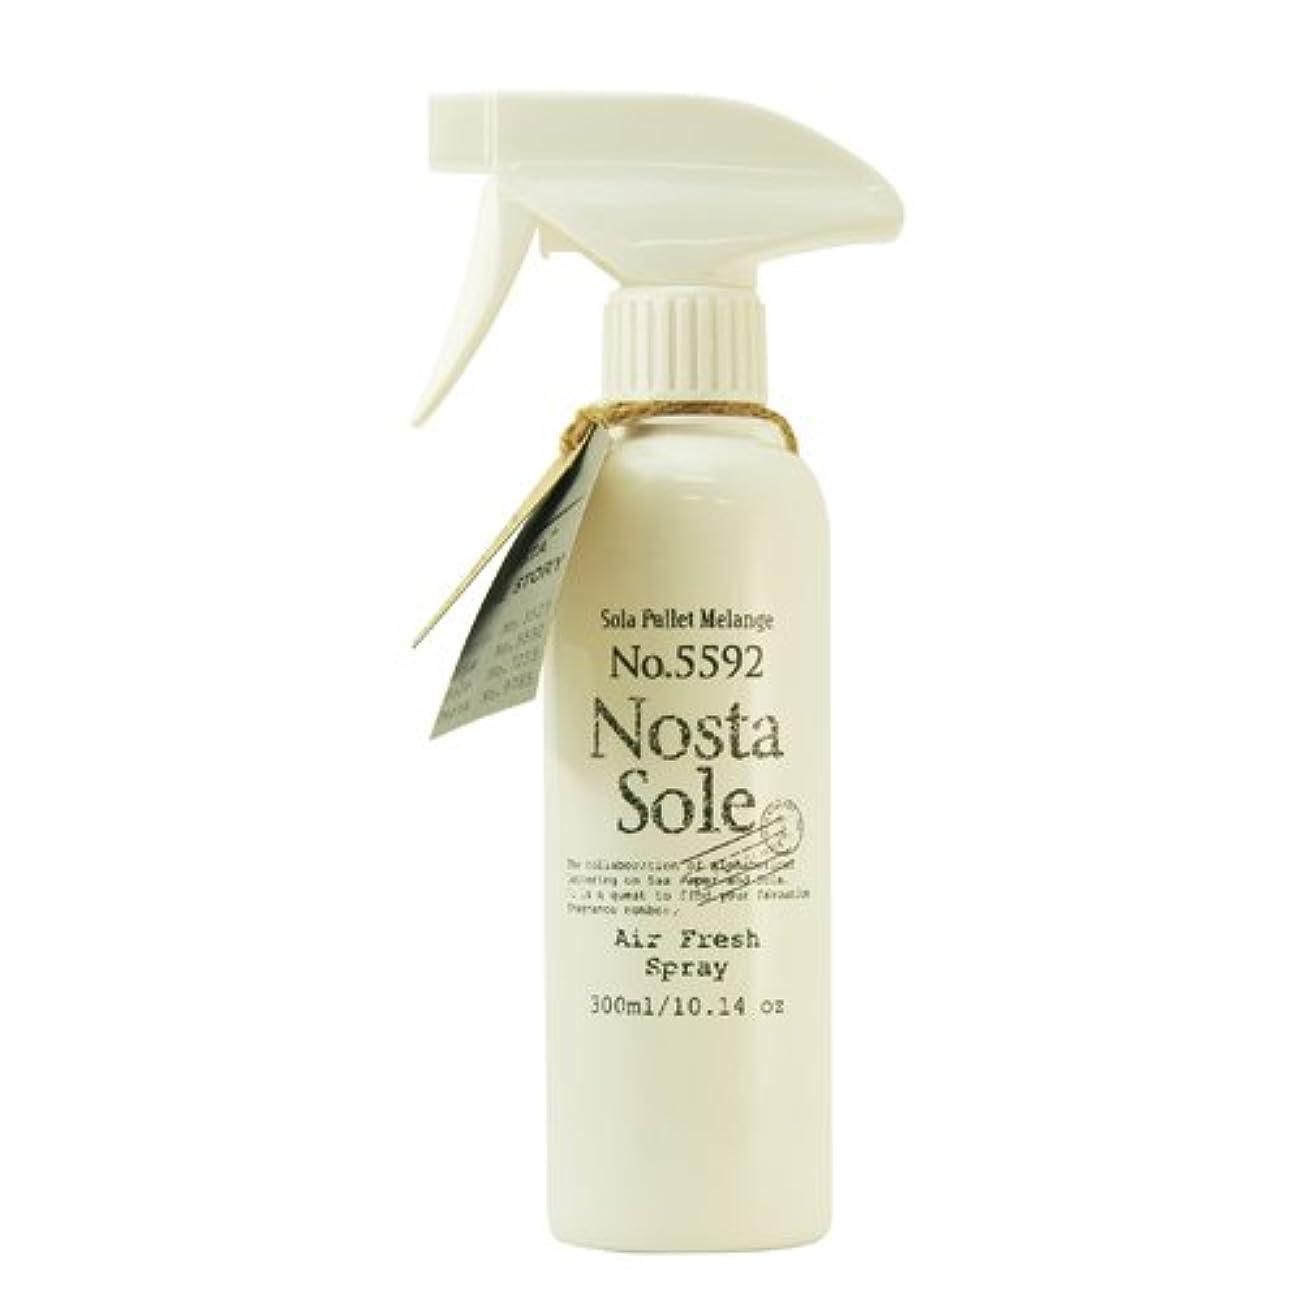 続編出身地区別Nosta ノスタ Air Fresh Spray エアーフレッシュスプレー(ルームスプレー)Sole ソーレ / 太陽